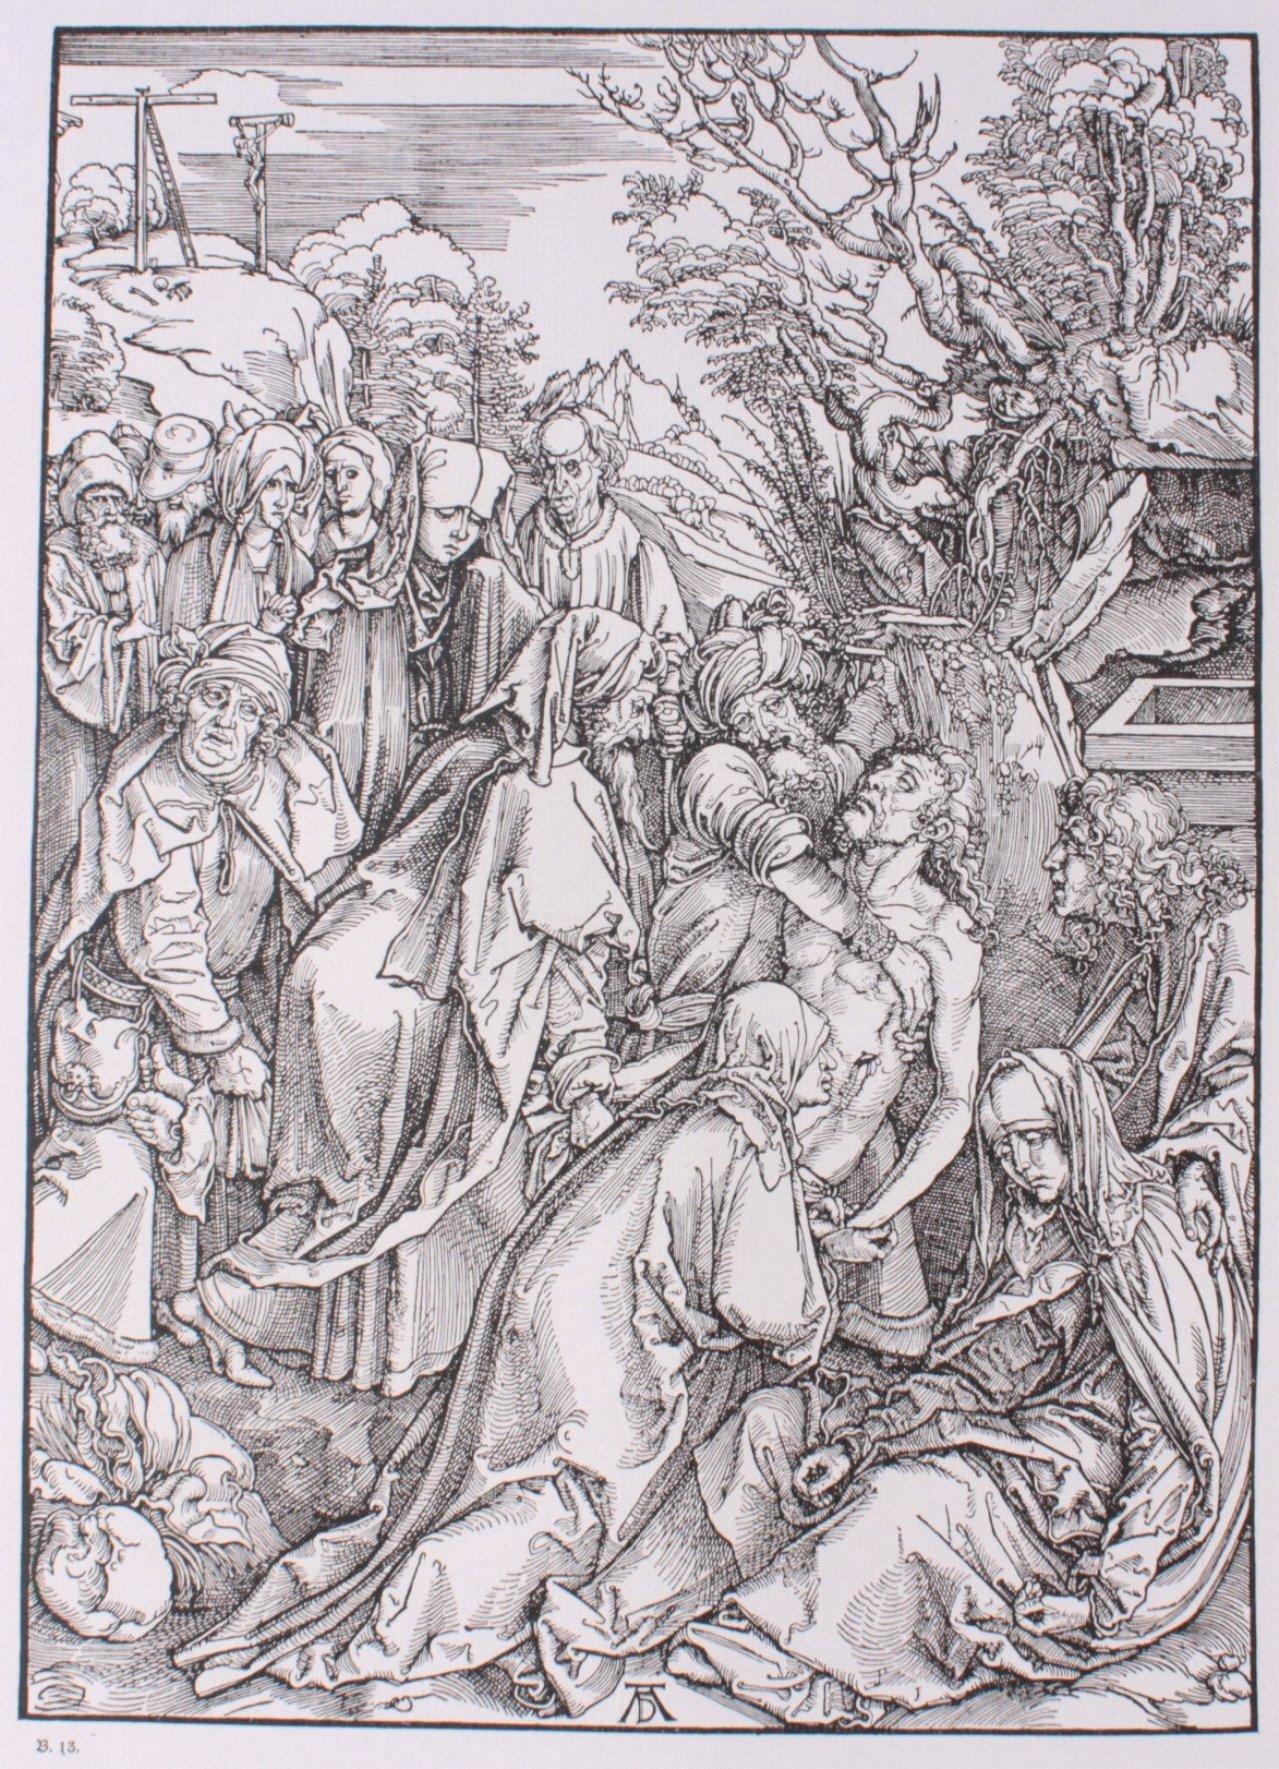 Große Passion von Albrecht Dürer-3